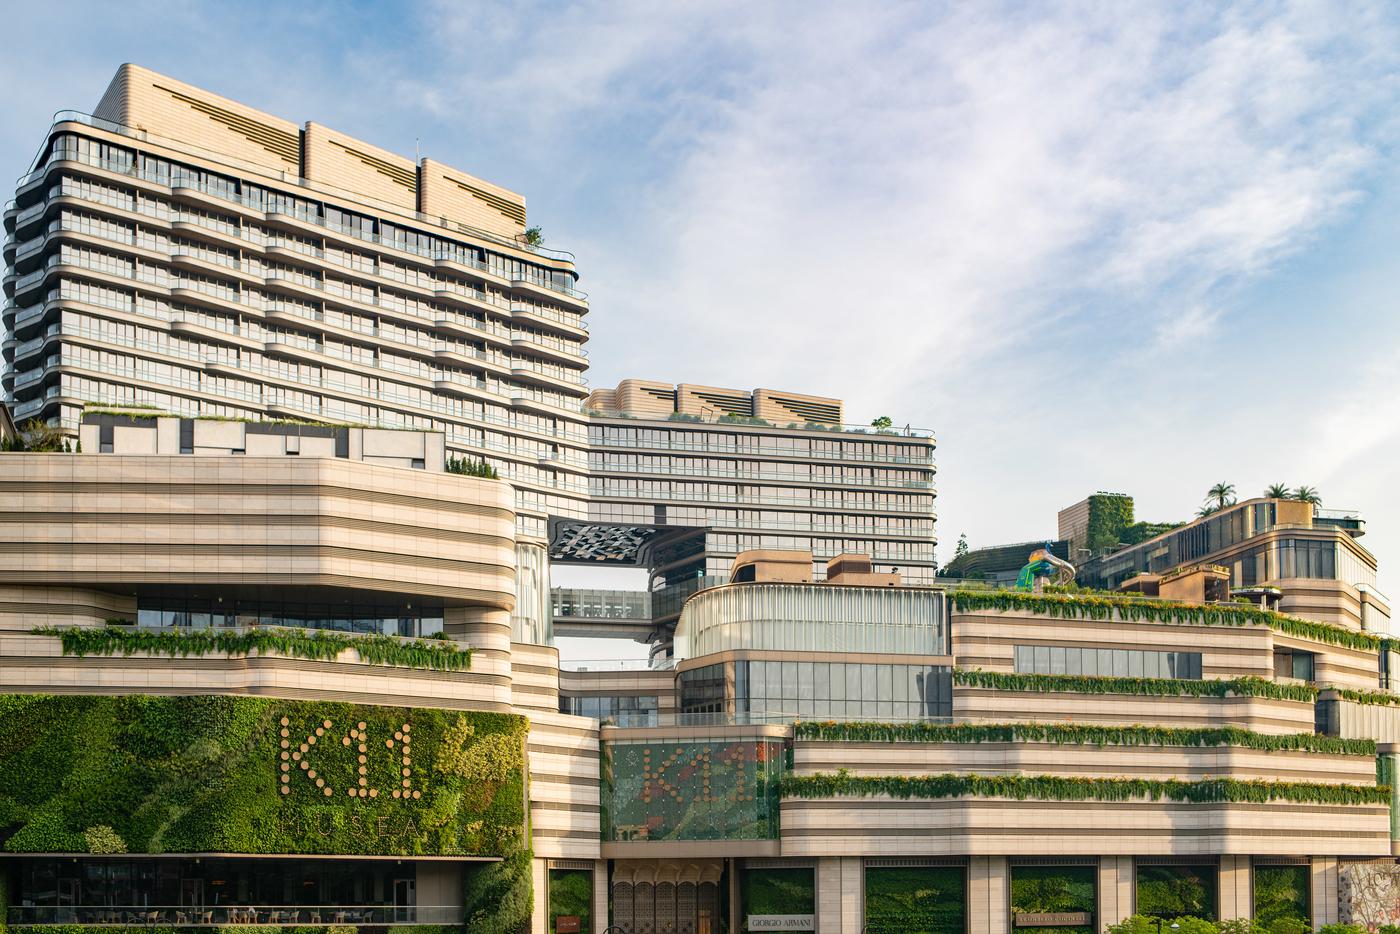 K11 Musea mall Tsim Sha Tsui exterior